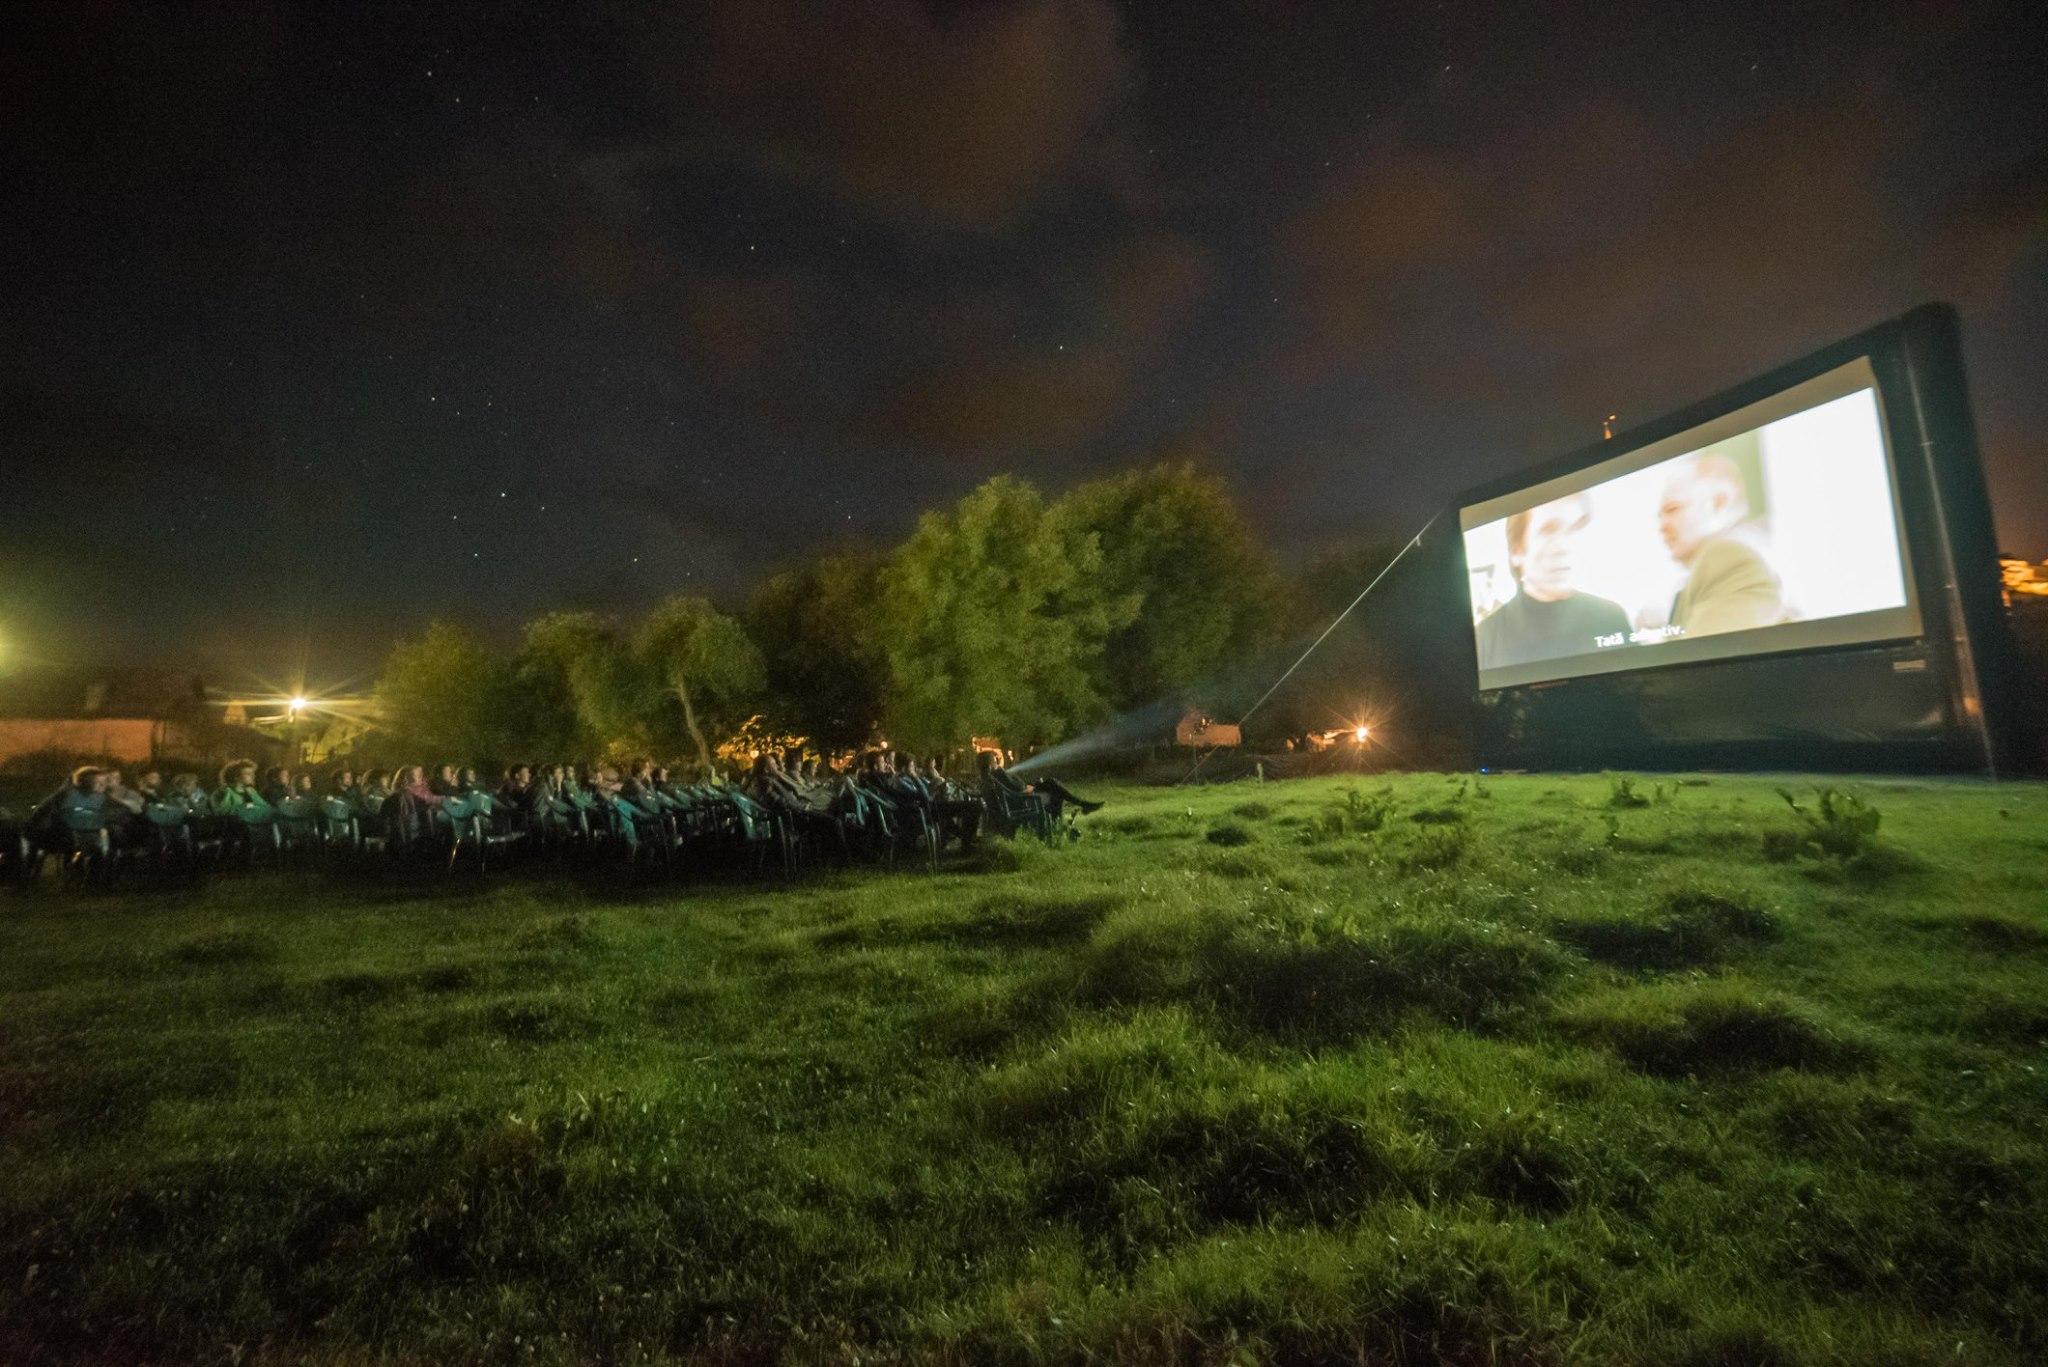 """Proiectie in cadrul festivalului """"Lună plină"""". Foto: Sergiu Serj"""